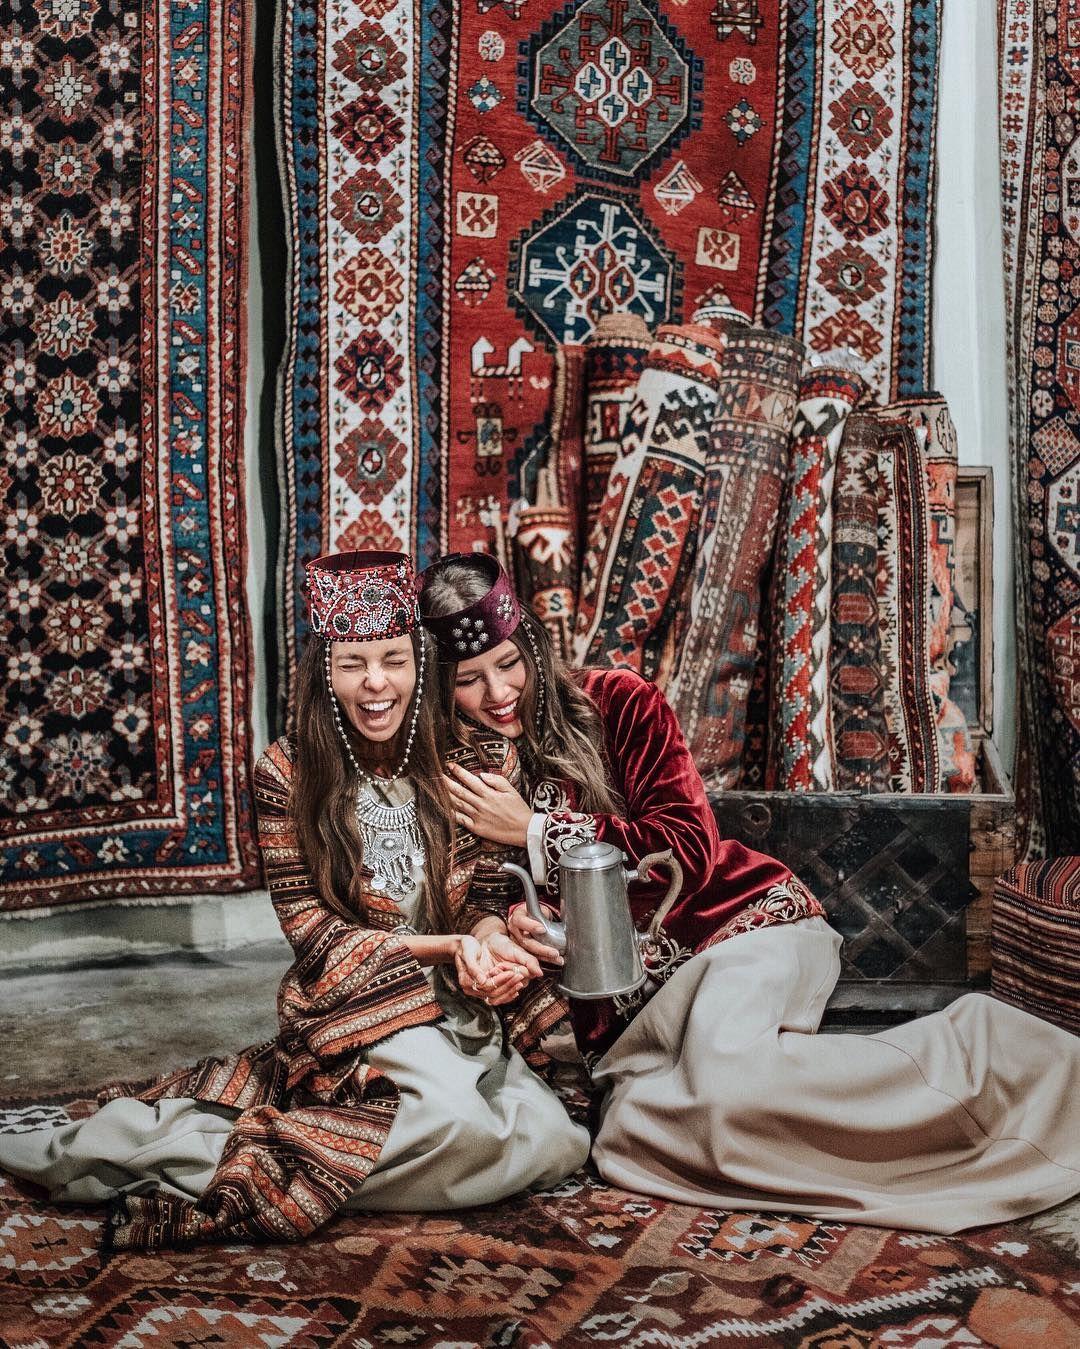 20.7 тыс. отметок «Нравится», 41 комментариев — Полина Бржезинская (@polinabrz) в Instagram: «🇦🇲 Барев, Армения! Совершенно игнорируя здравый смысл, отчаянно нашептывающий, что нужно хотя бы…»